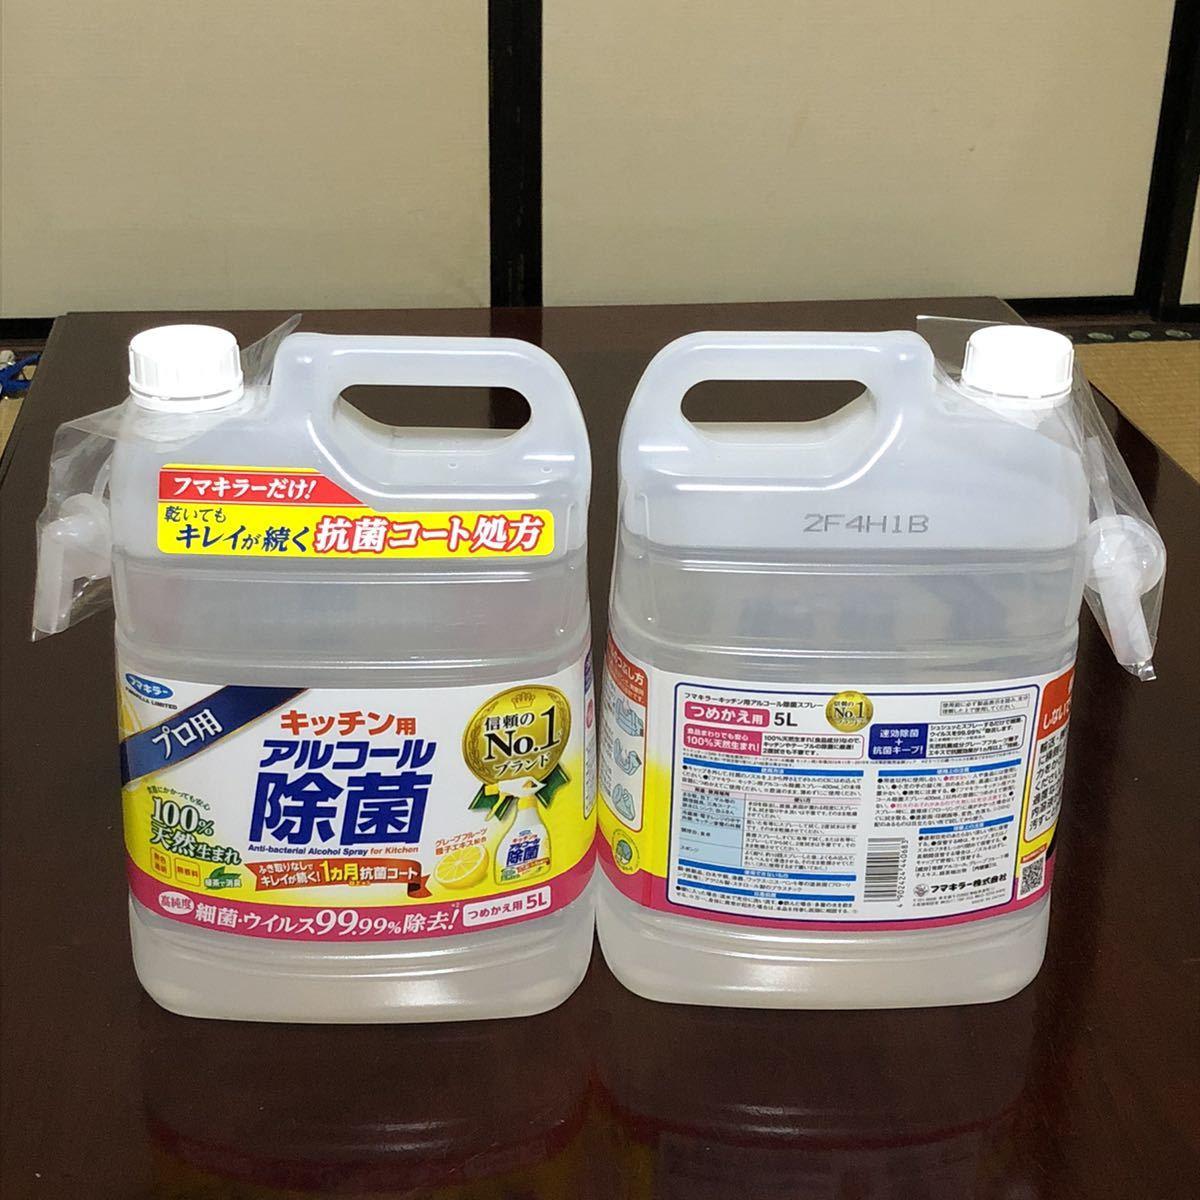 フマキラーキッチンアルコール除菌 5L2本